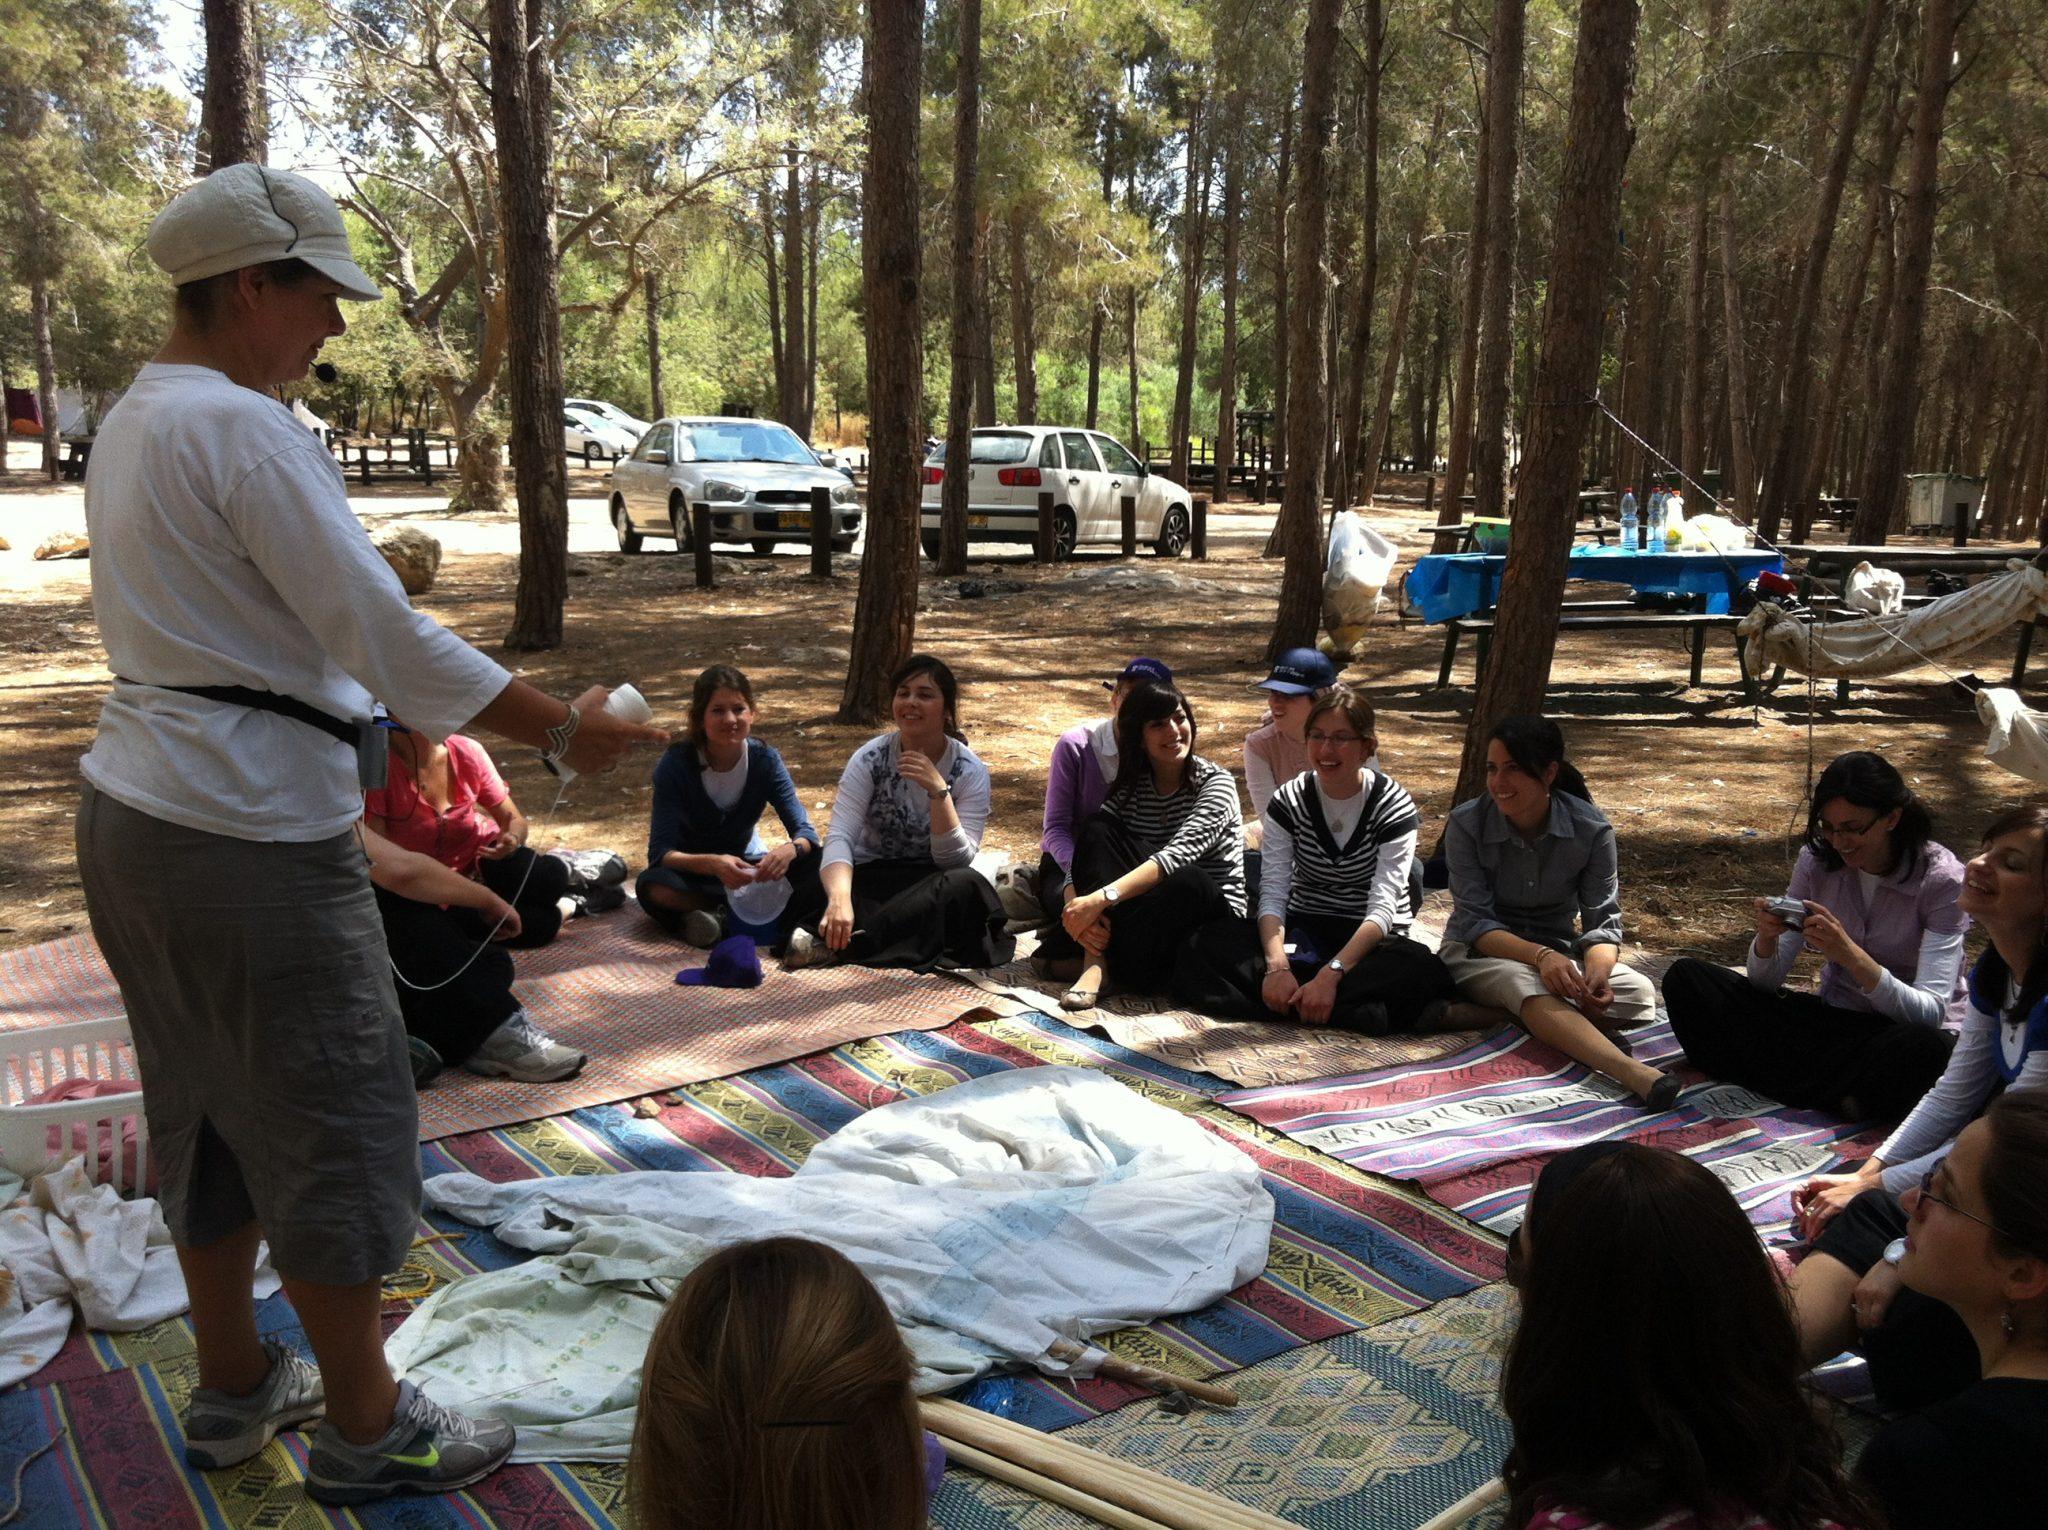 עובדות מטריקס ביום כיף ושדאות ביער בן שמן, אוהלים, ערסלים, בישולי שדה